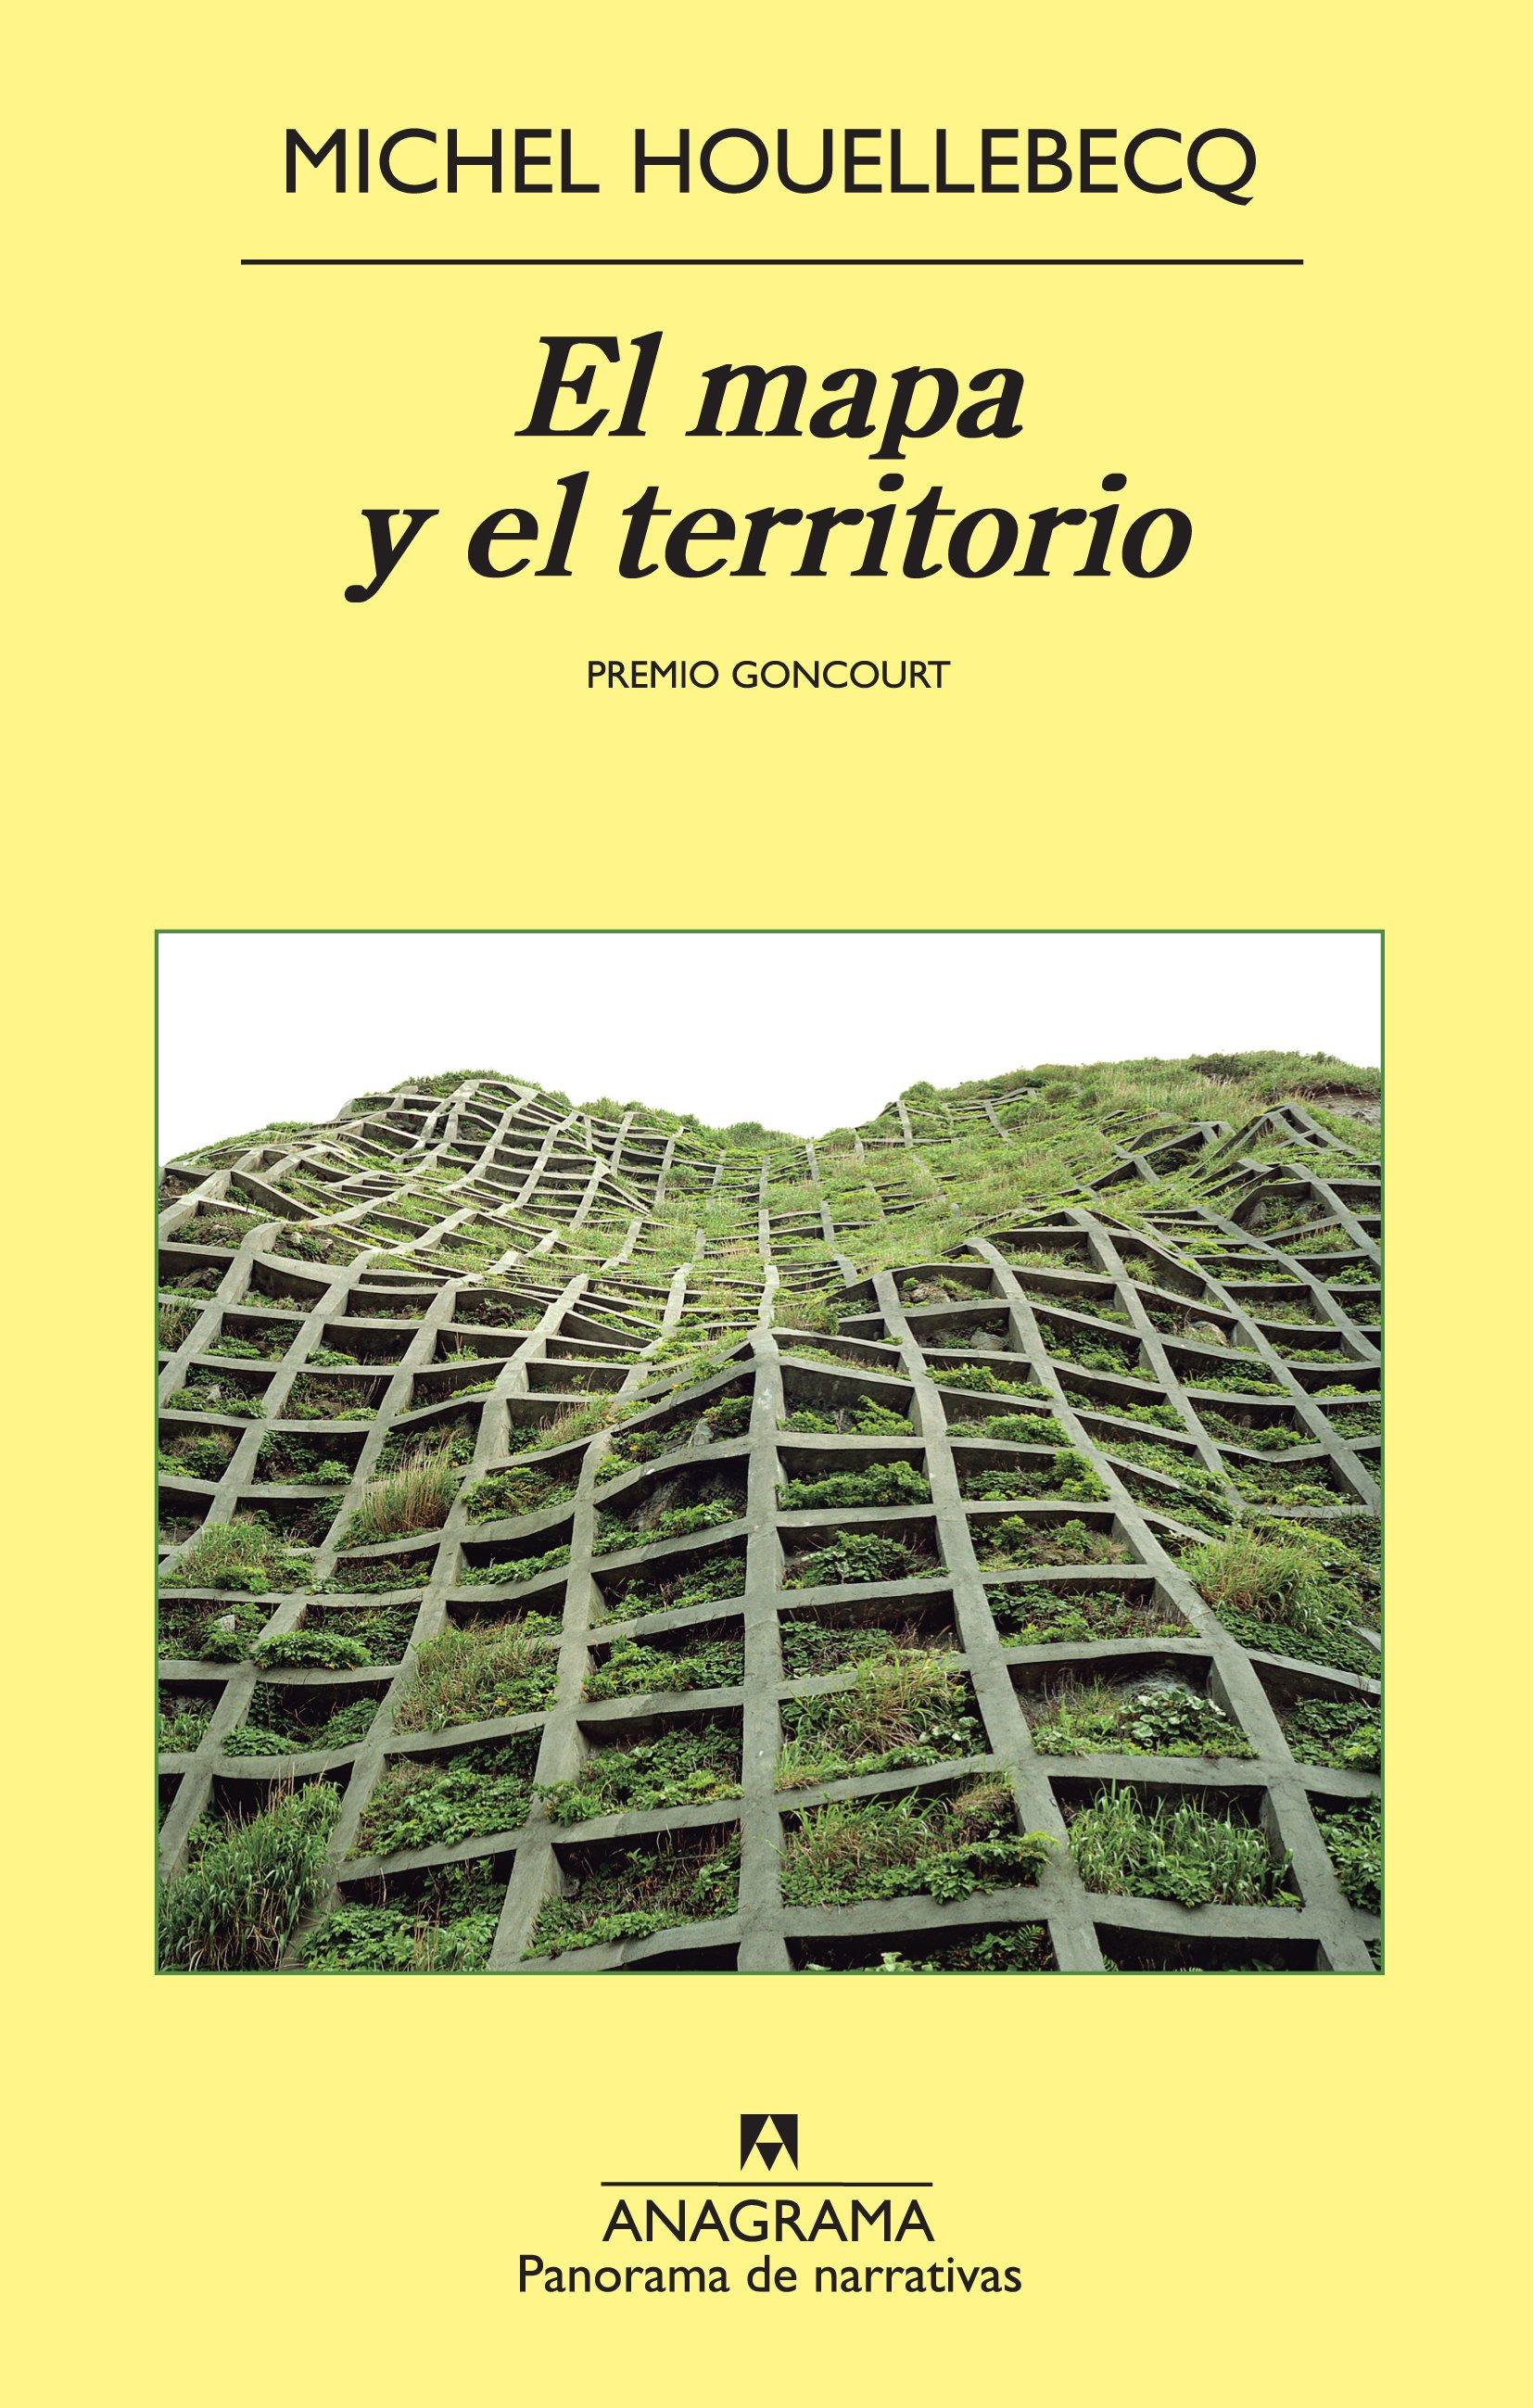 mapa michel EL MAPA Y EL TERRITORIO (PREMIO GONCOURT) | MICHEL HOUELLEBECQ  mapa michel